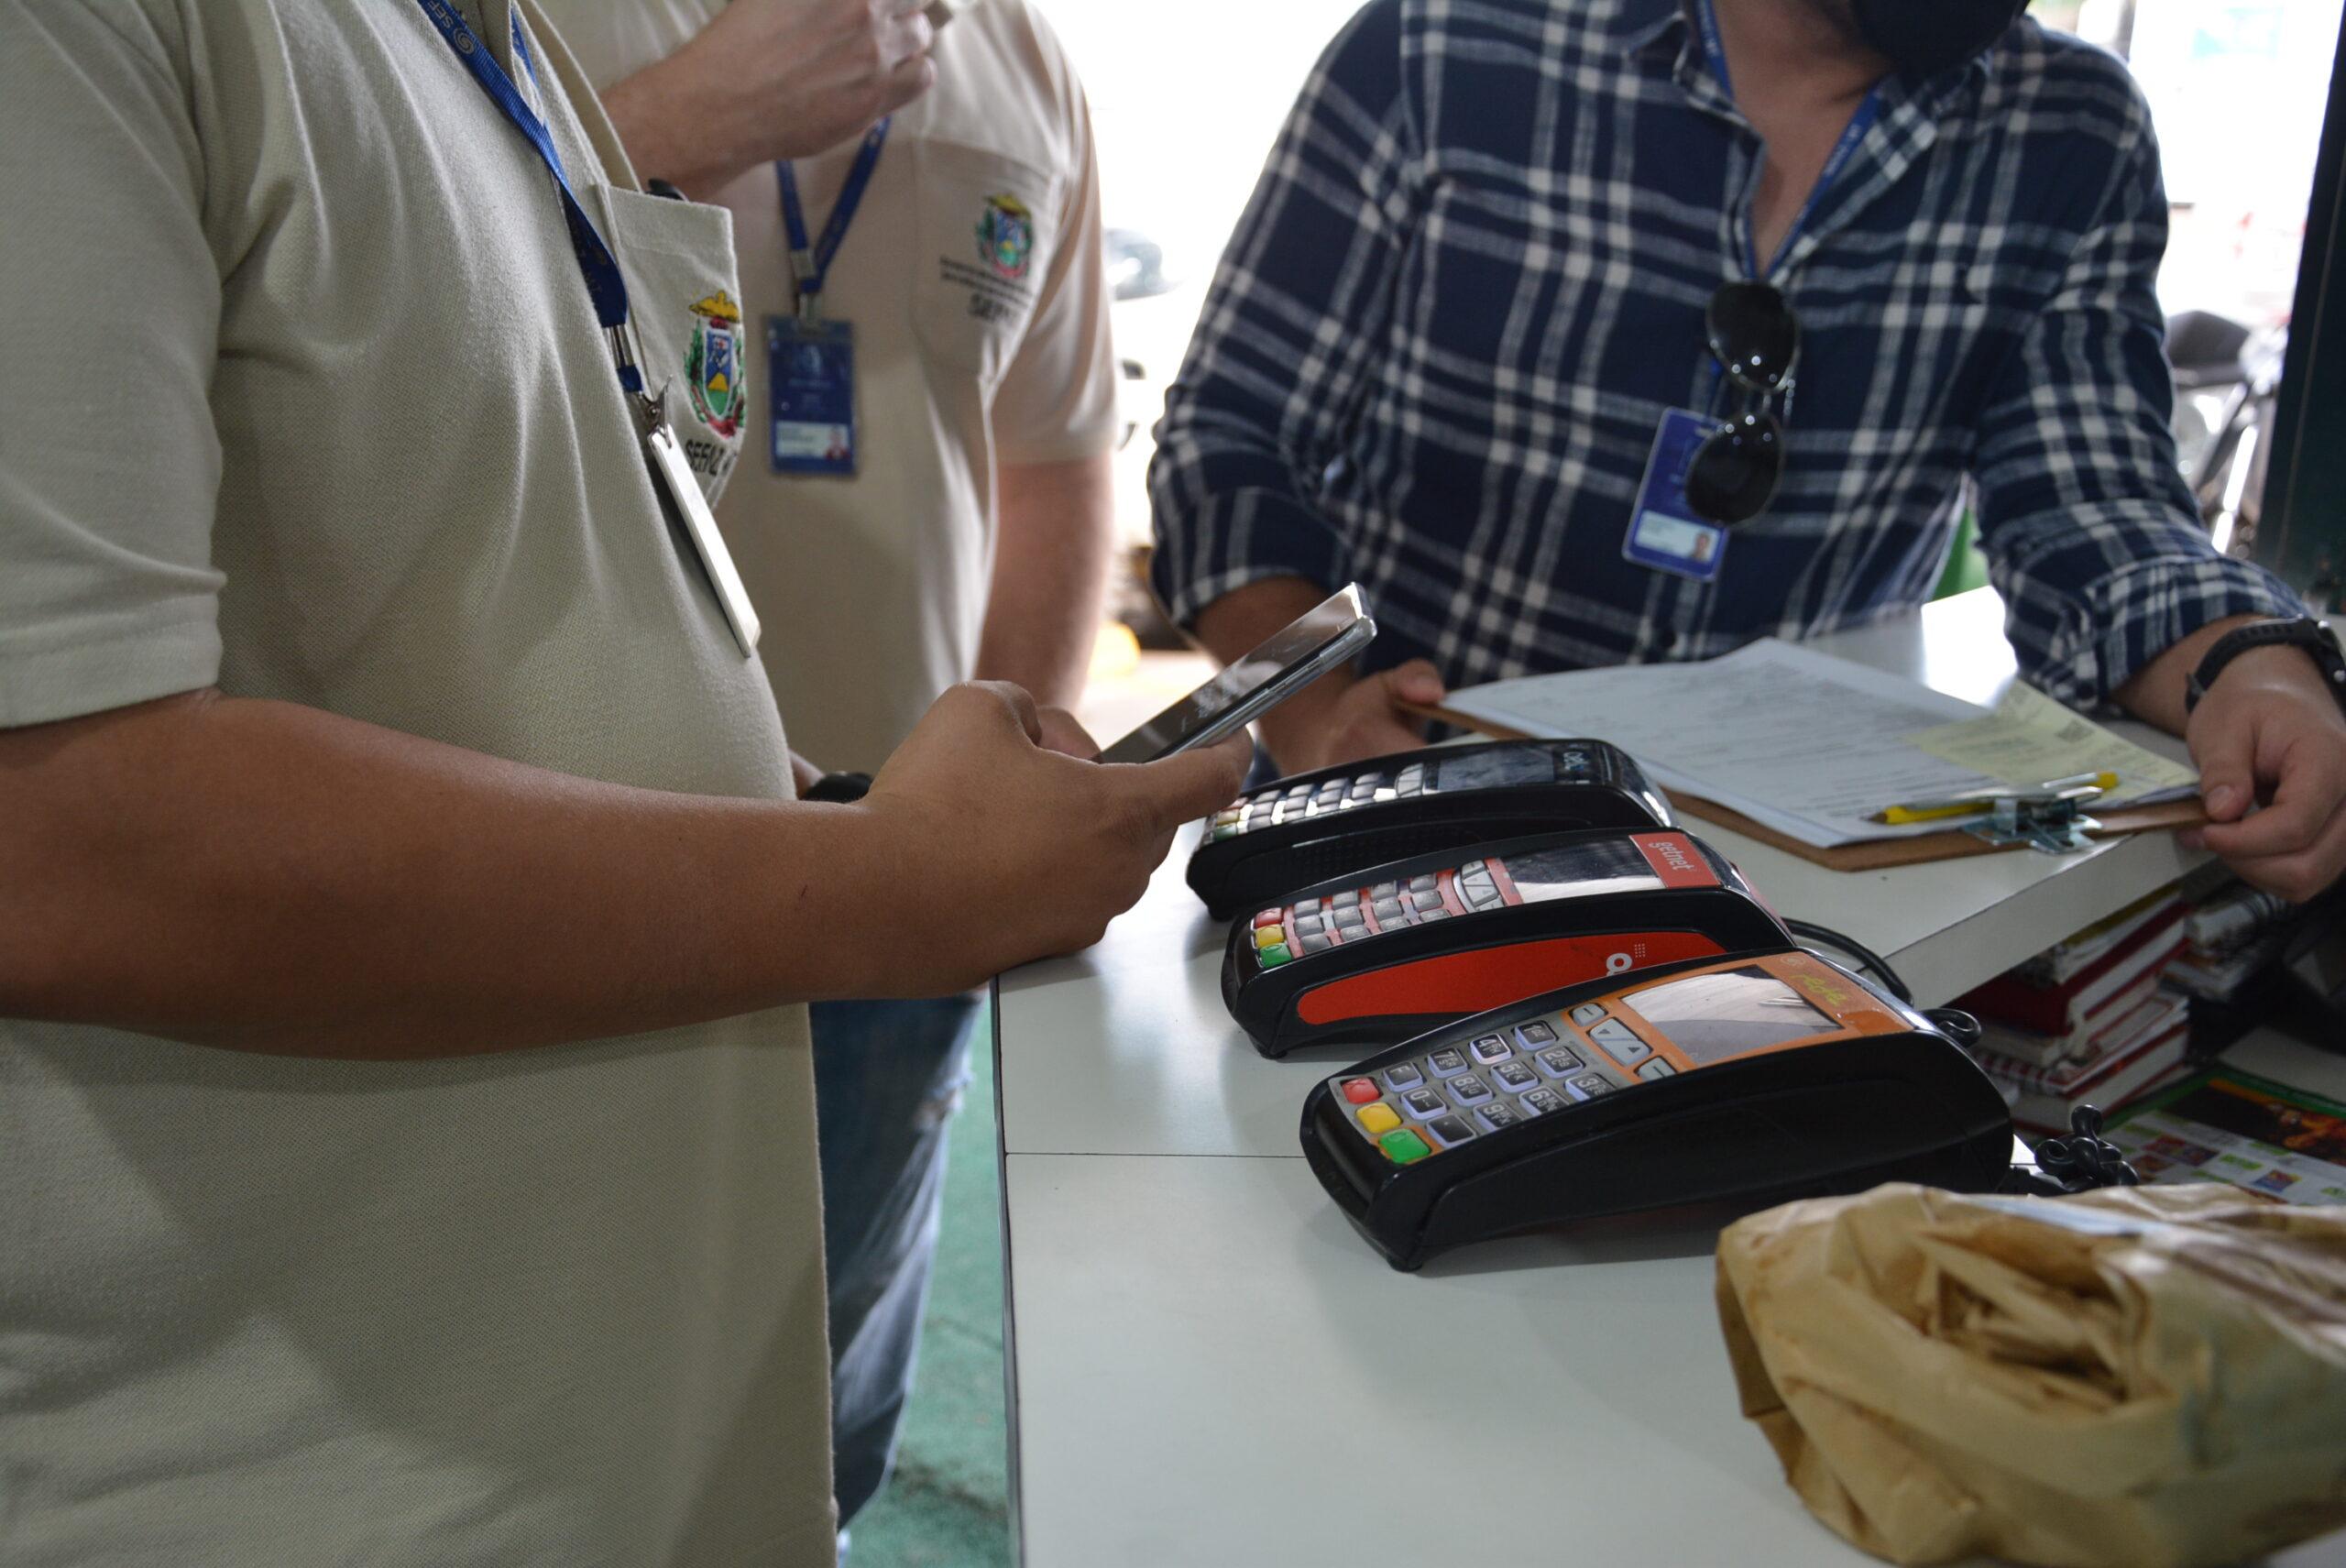 Sefaz realiza ação para apurar fraudes após denúncia de consumidores